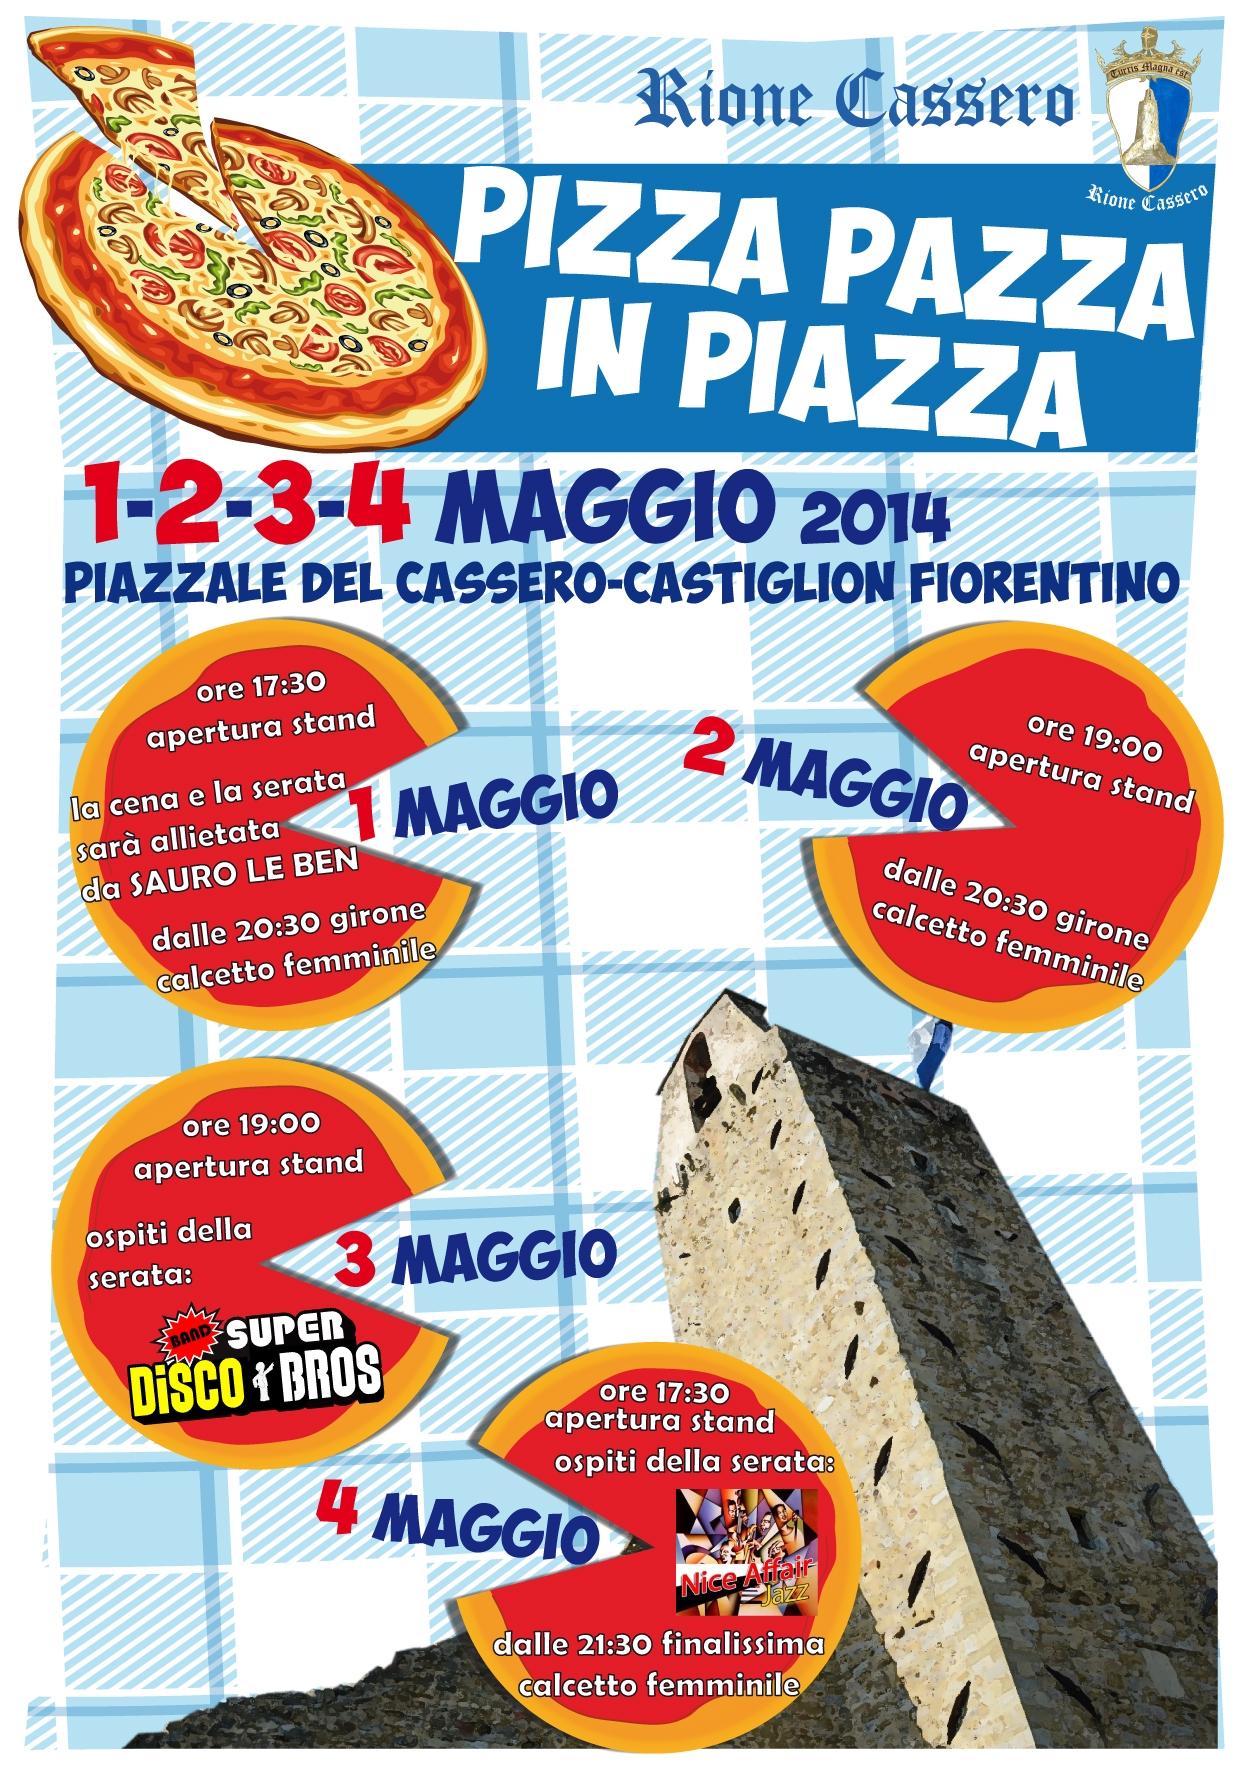 Pizza Pazza in Piazza: l'iniziativa del Rione Cassero